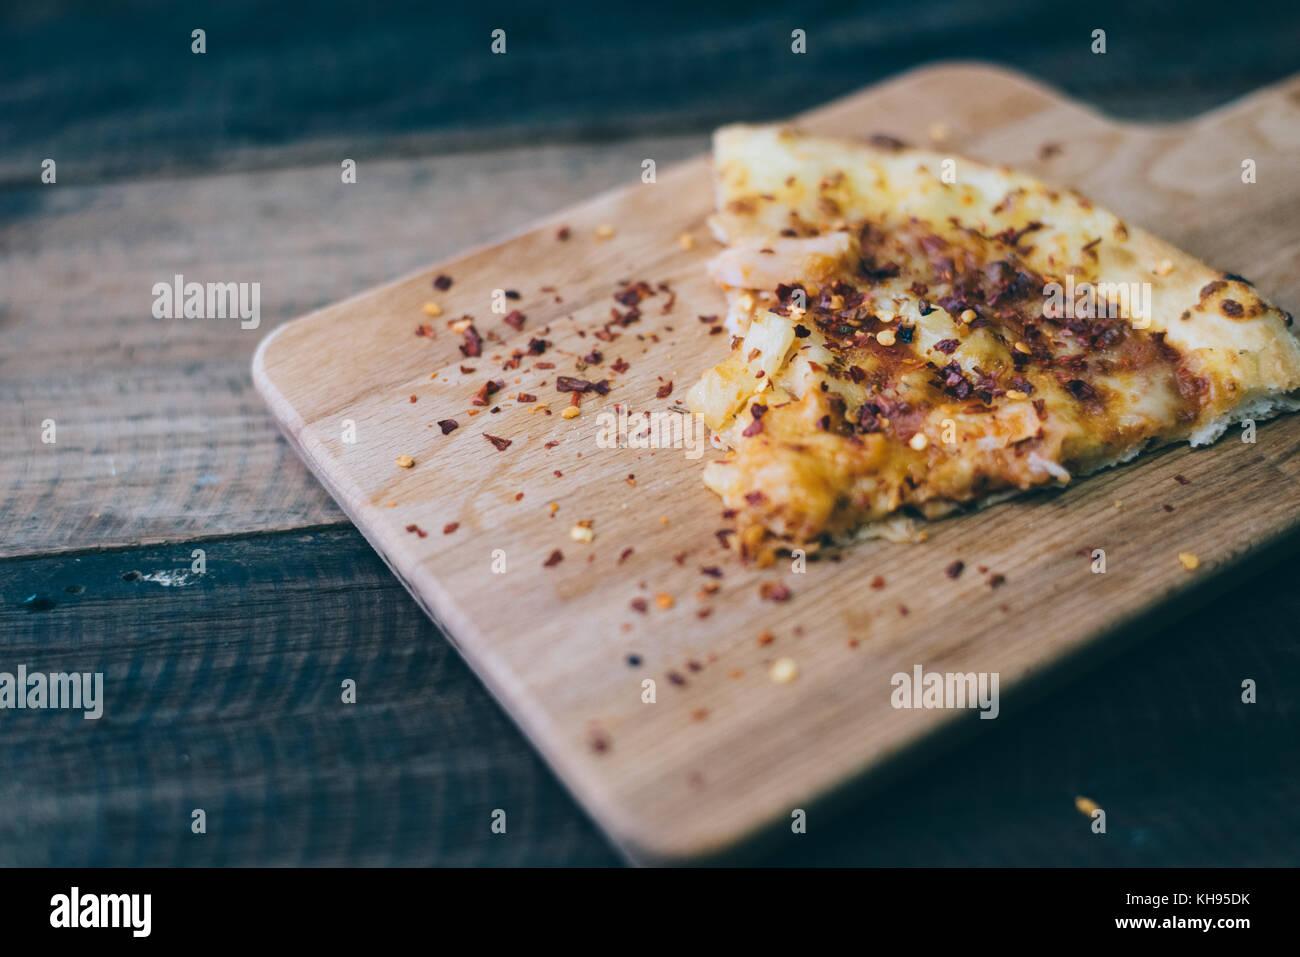 Slice de pizza con queso, carne de pollo y piña topping en una placa de madera/tabla.famosa comida italiana Foto de stock